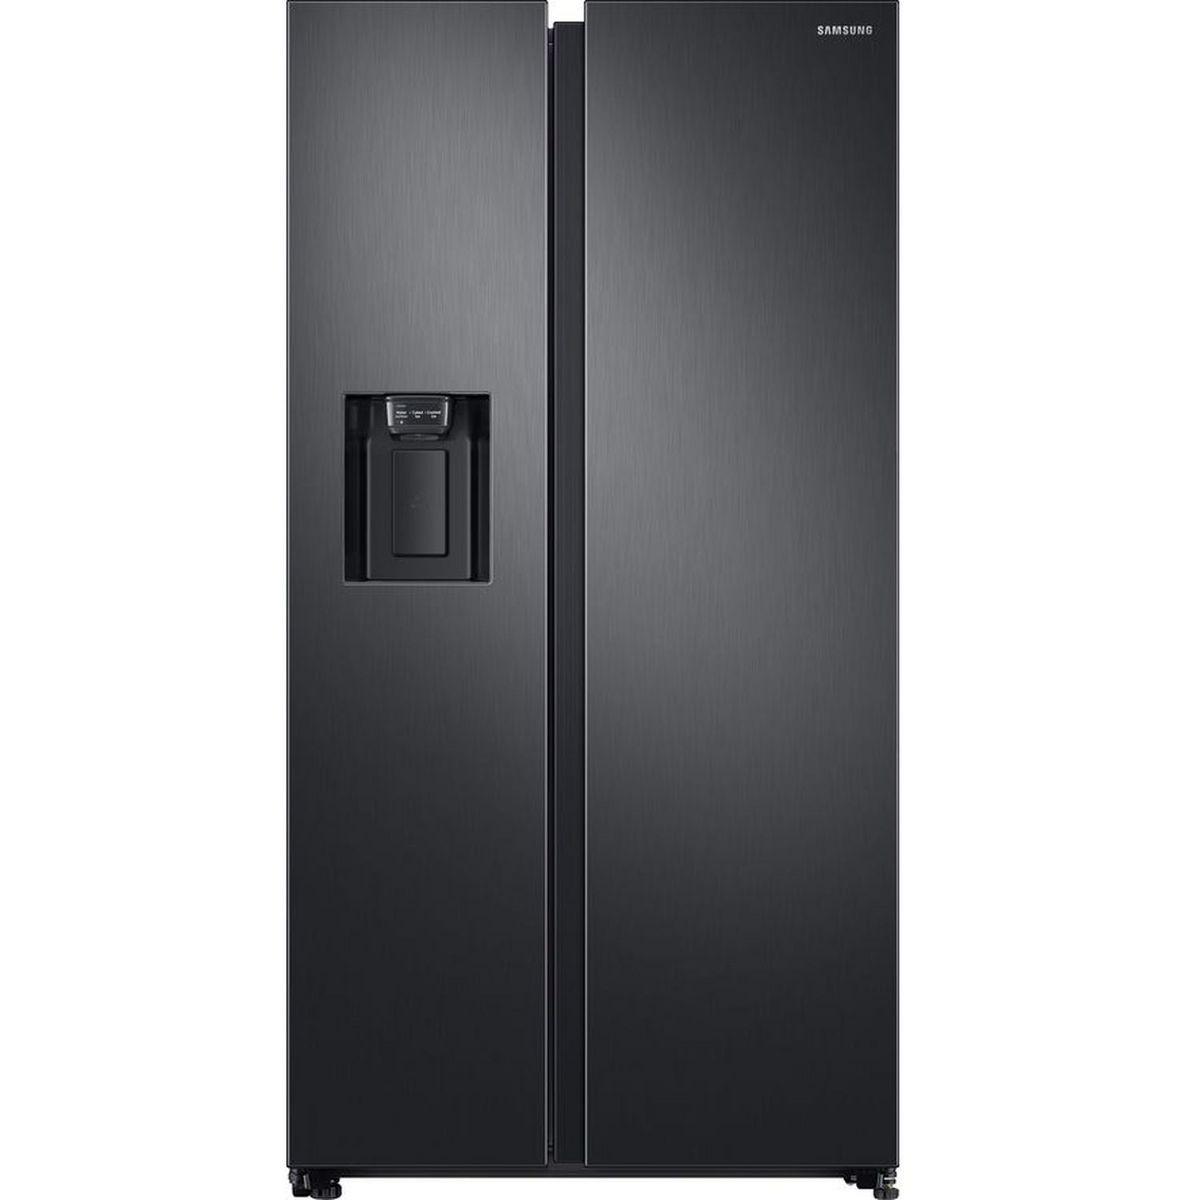 Réfrigérateur américain RS68N8340B1, 617 L, Froid ventilé